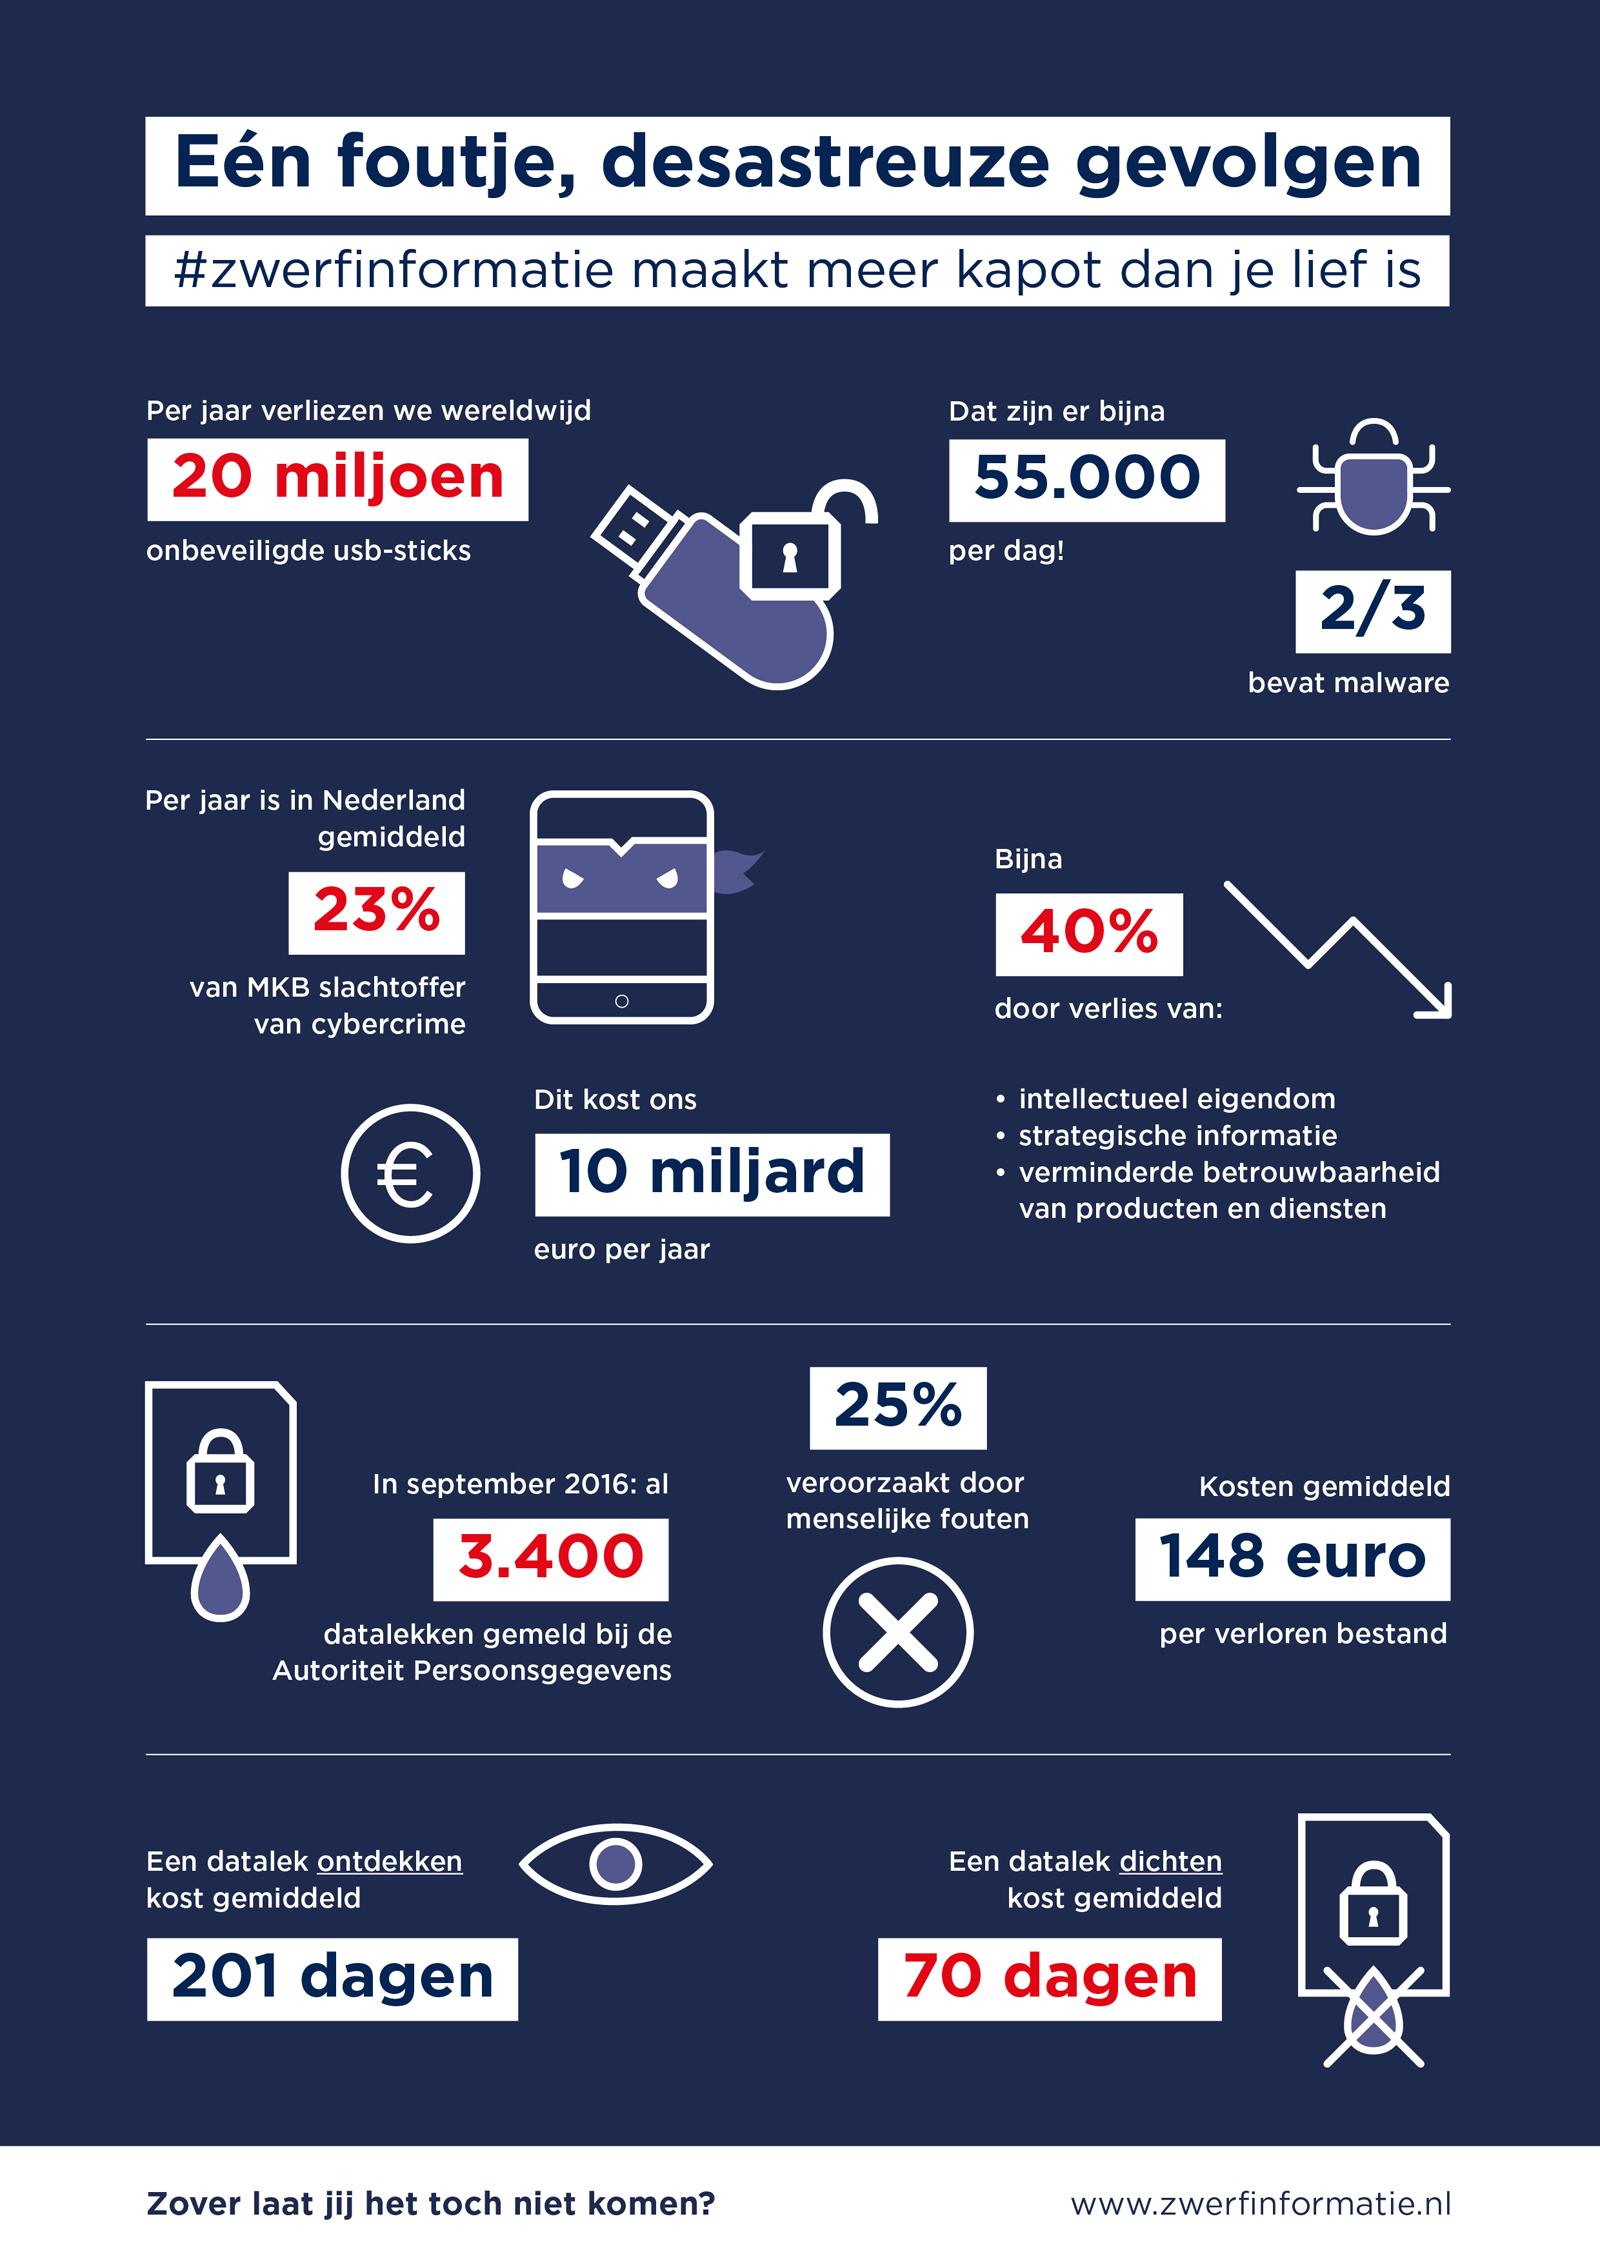 Infographic: Grootste gevaar voor informatieveiligheid? Zwerfinformatie en onveilig gedrag!